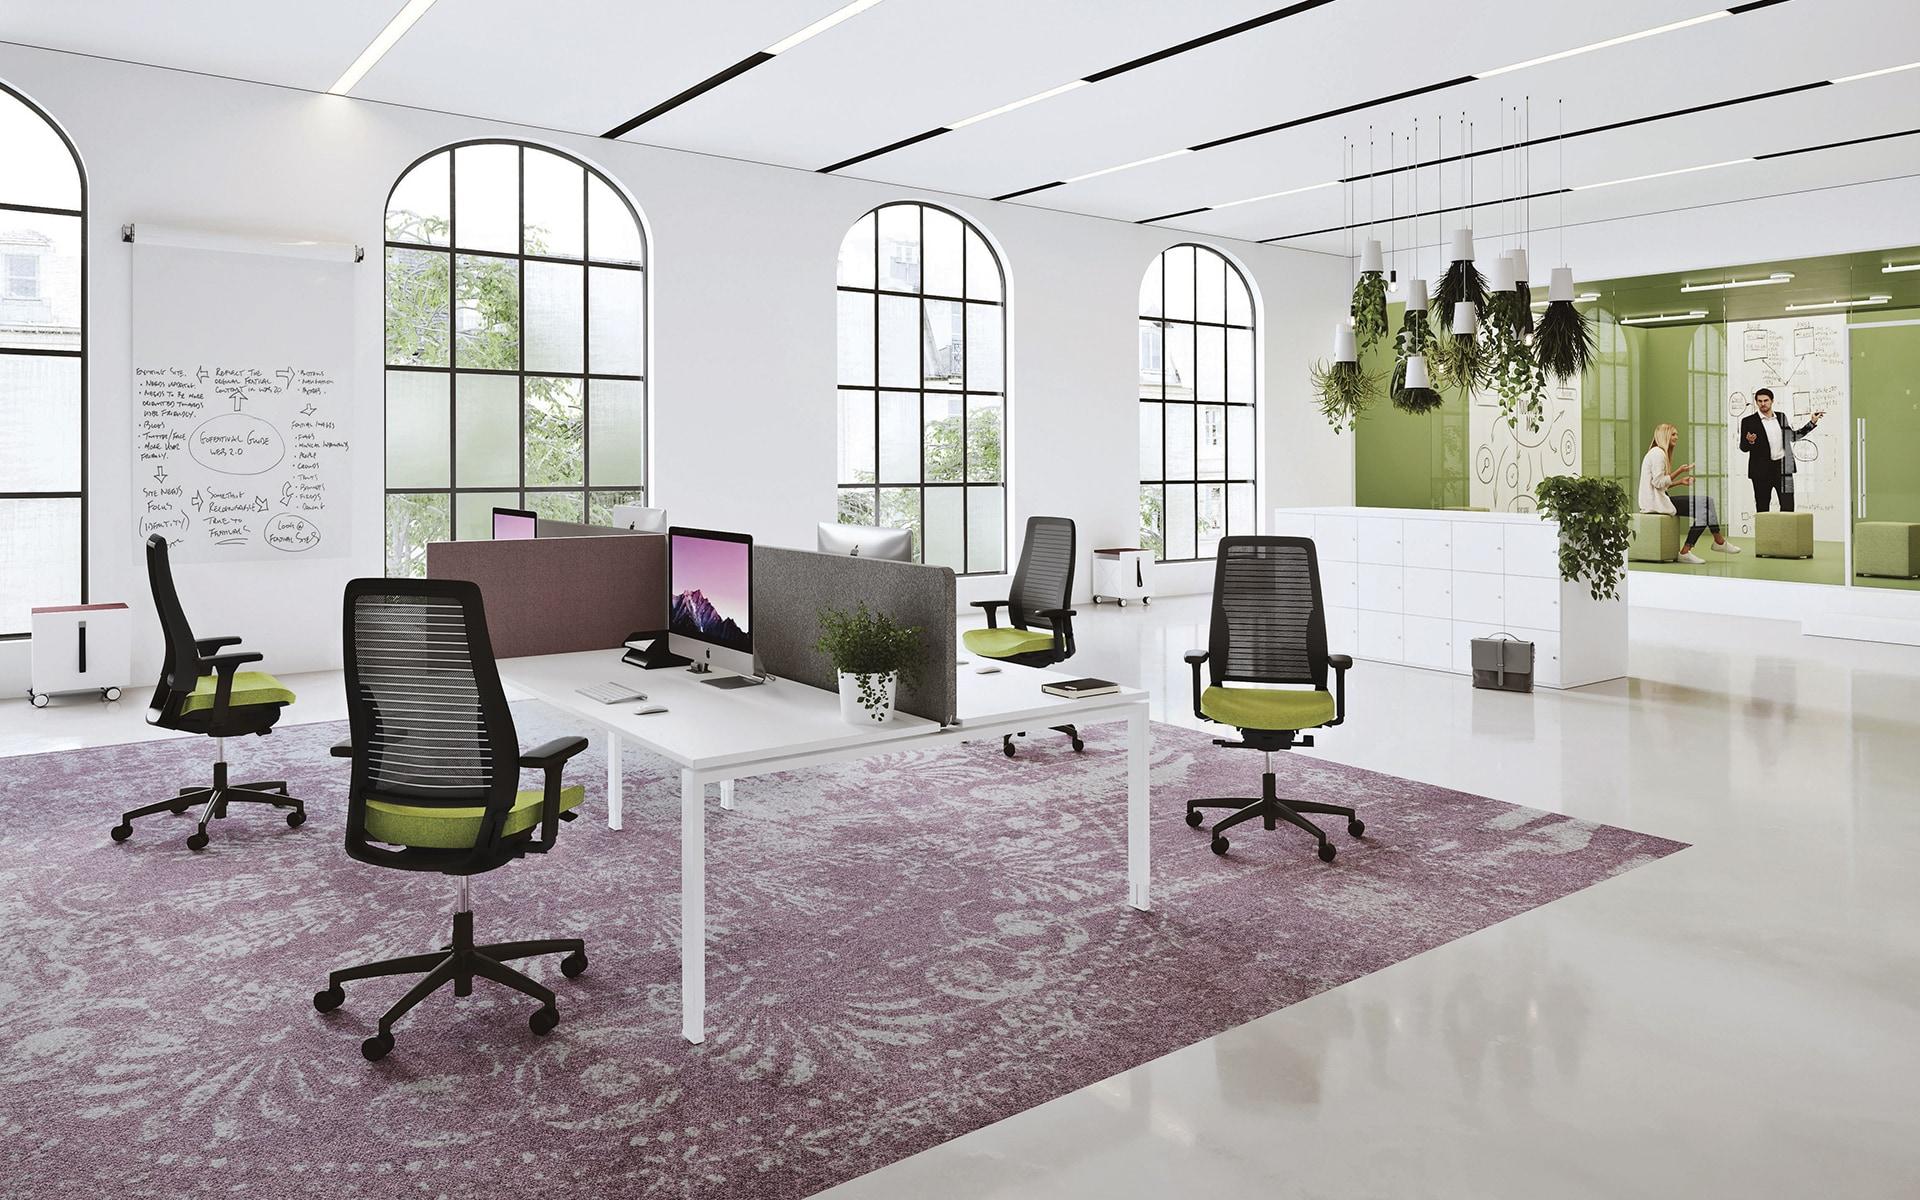 Vier K+N Okay III Bürostühle von ITO Design in schwarz und hellgrün in modernem Großraumbüro